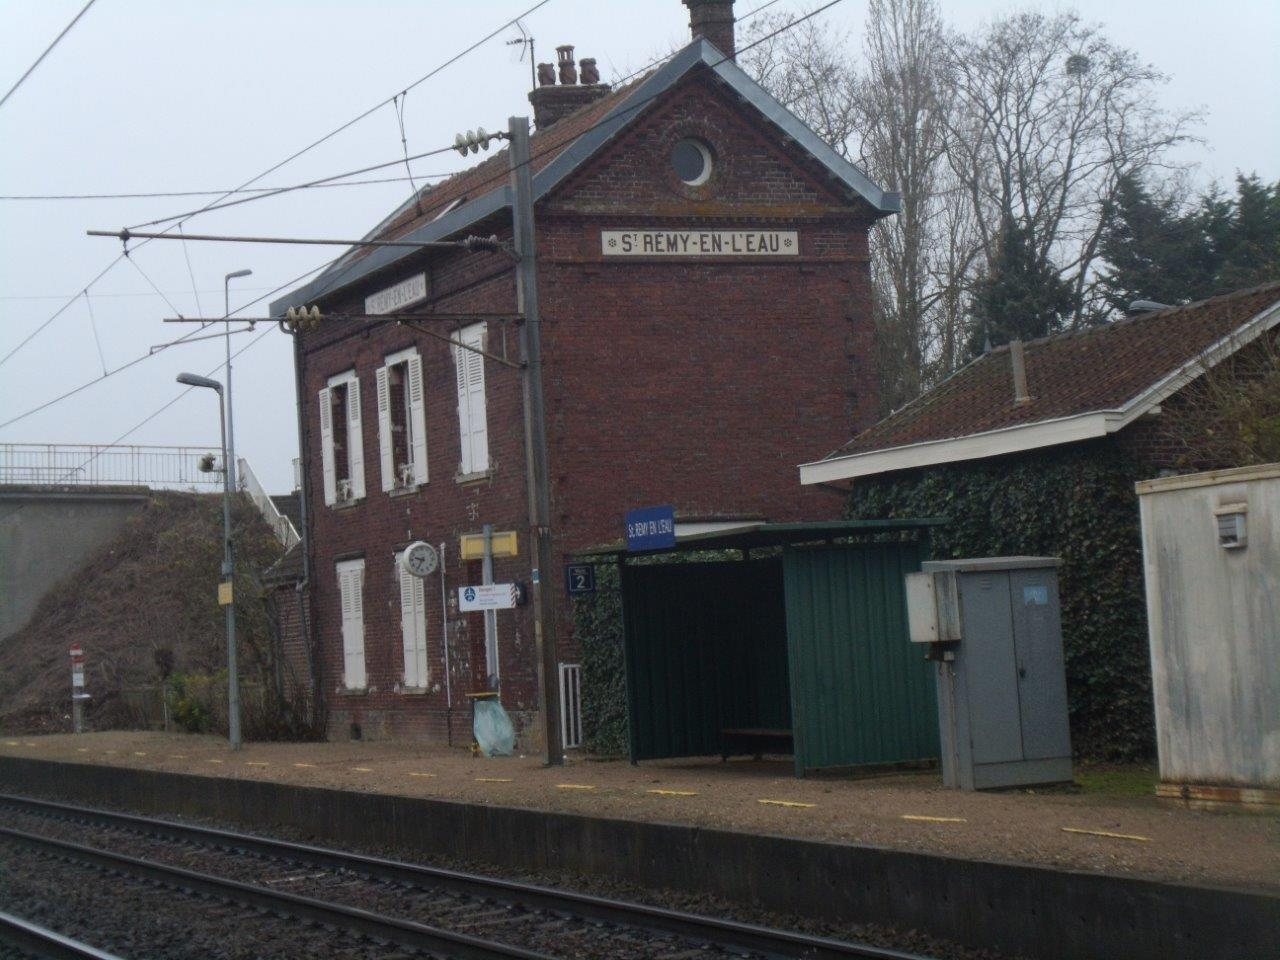 gare-de-saint-remy-en-l-eau-train-station